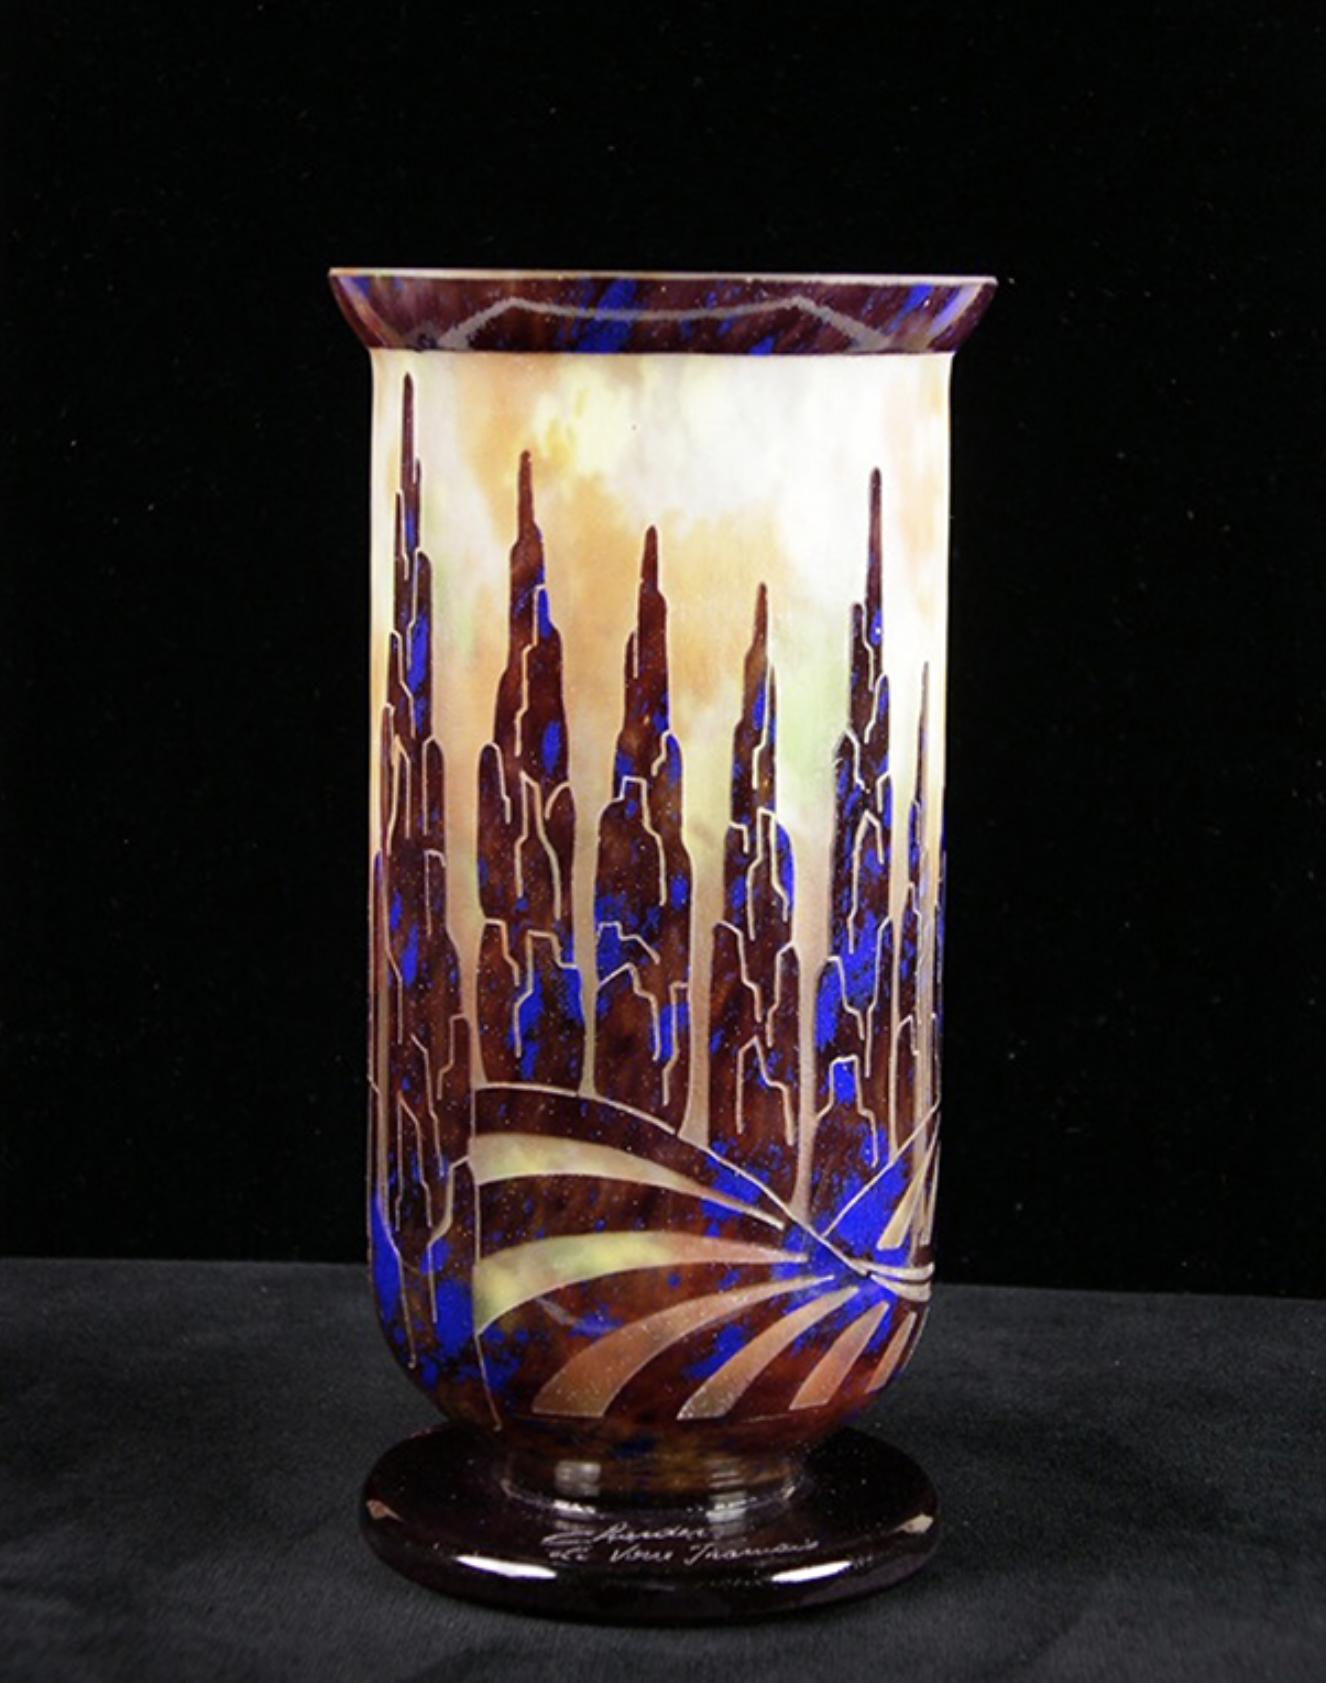 Vase peupliers - Le Verre Français